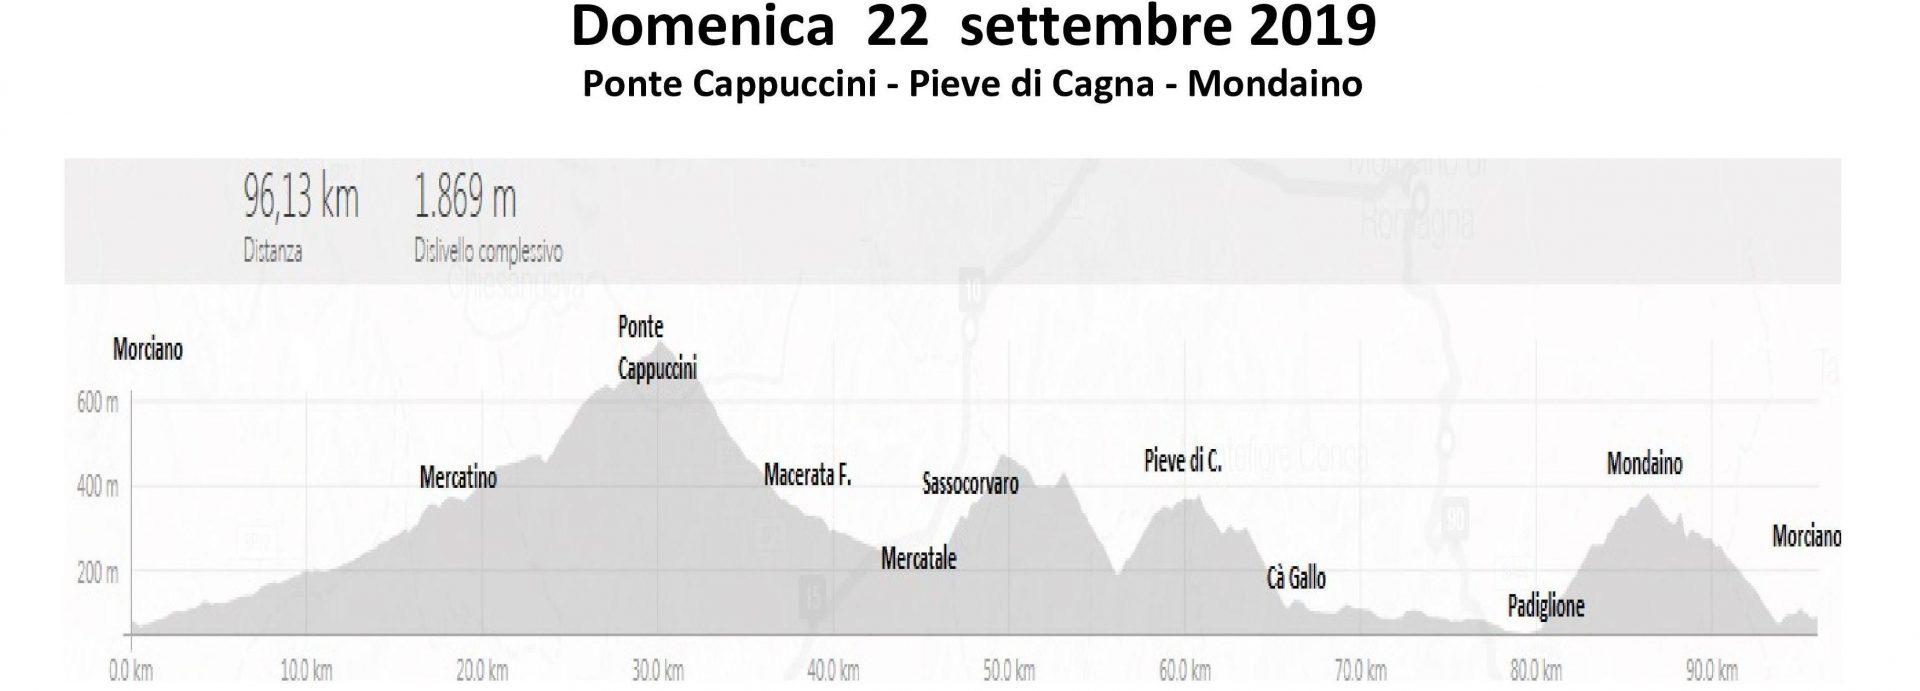 Domenica 22-set-2019 Ponte Capuccini – Mondaino